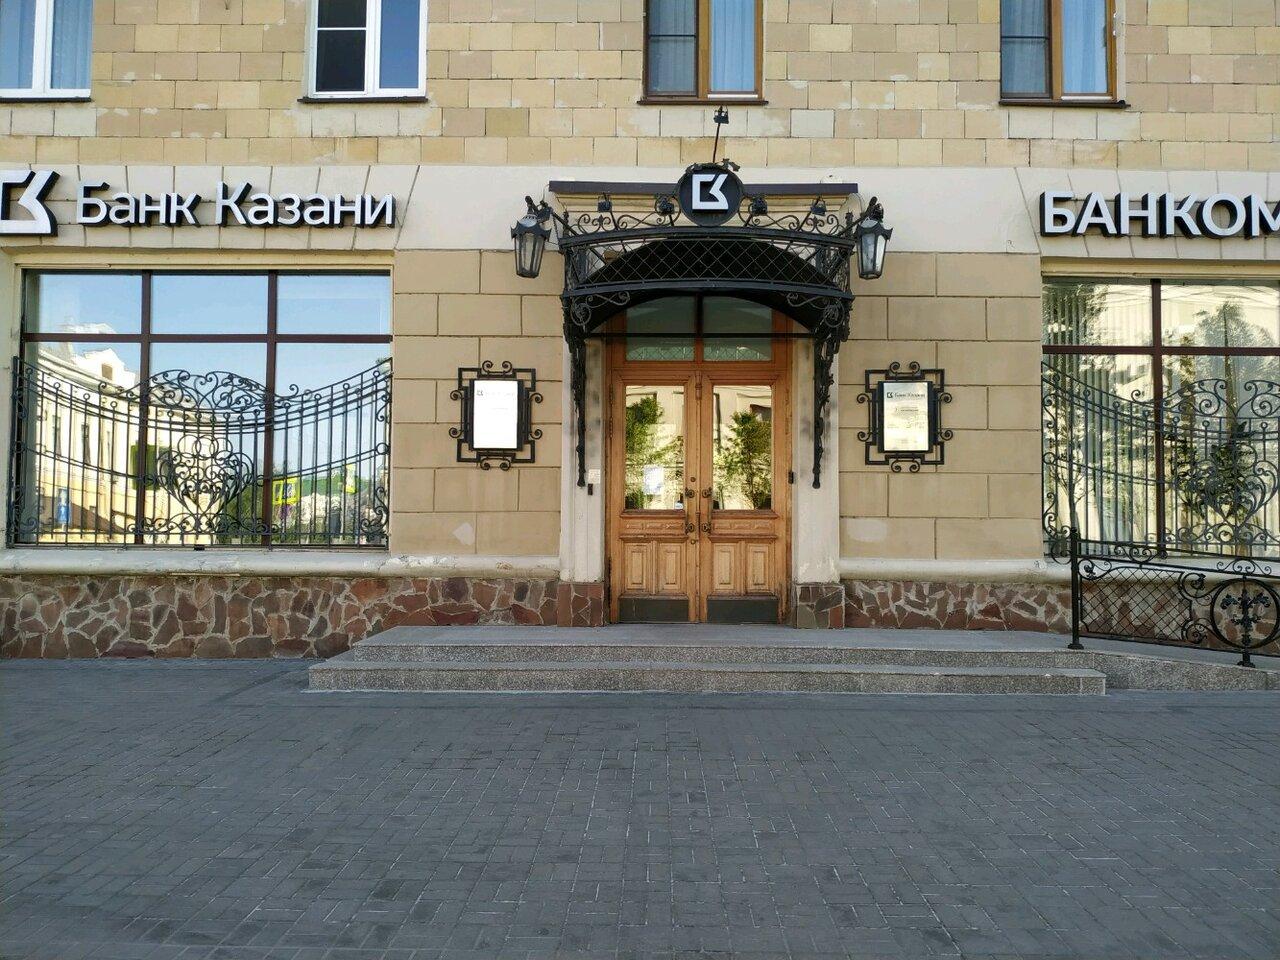 арбитражный суд города москвы адрес и индекс